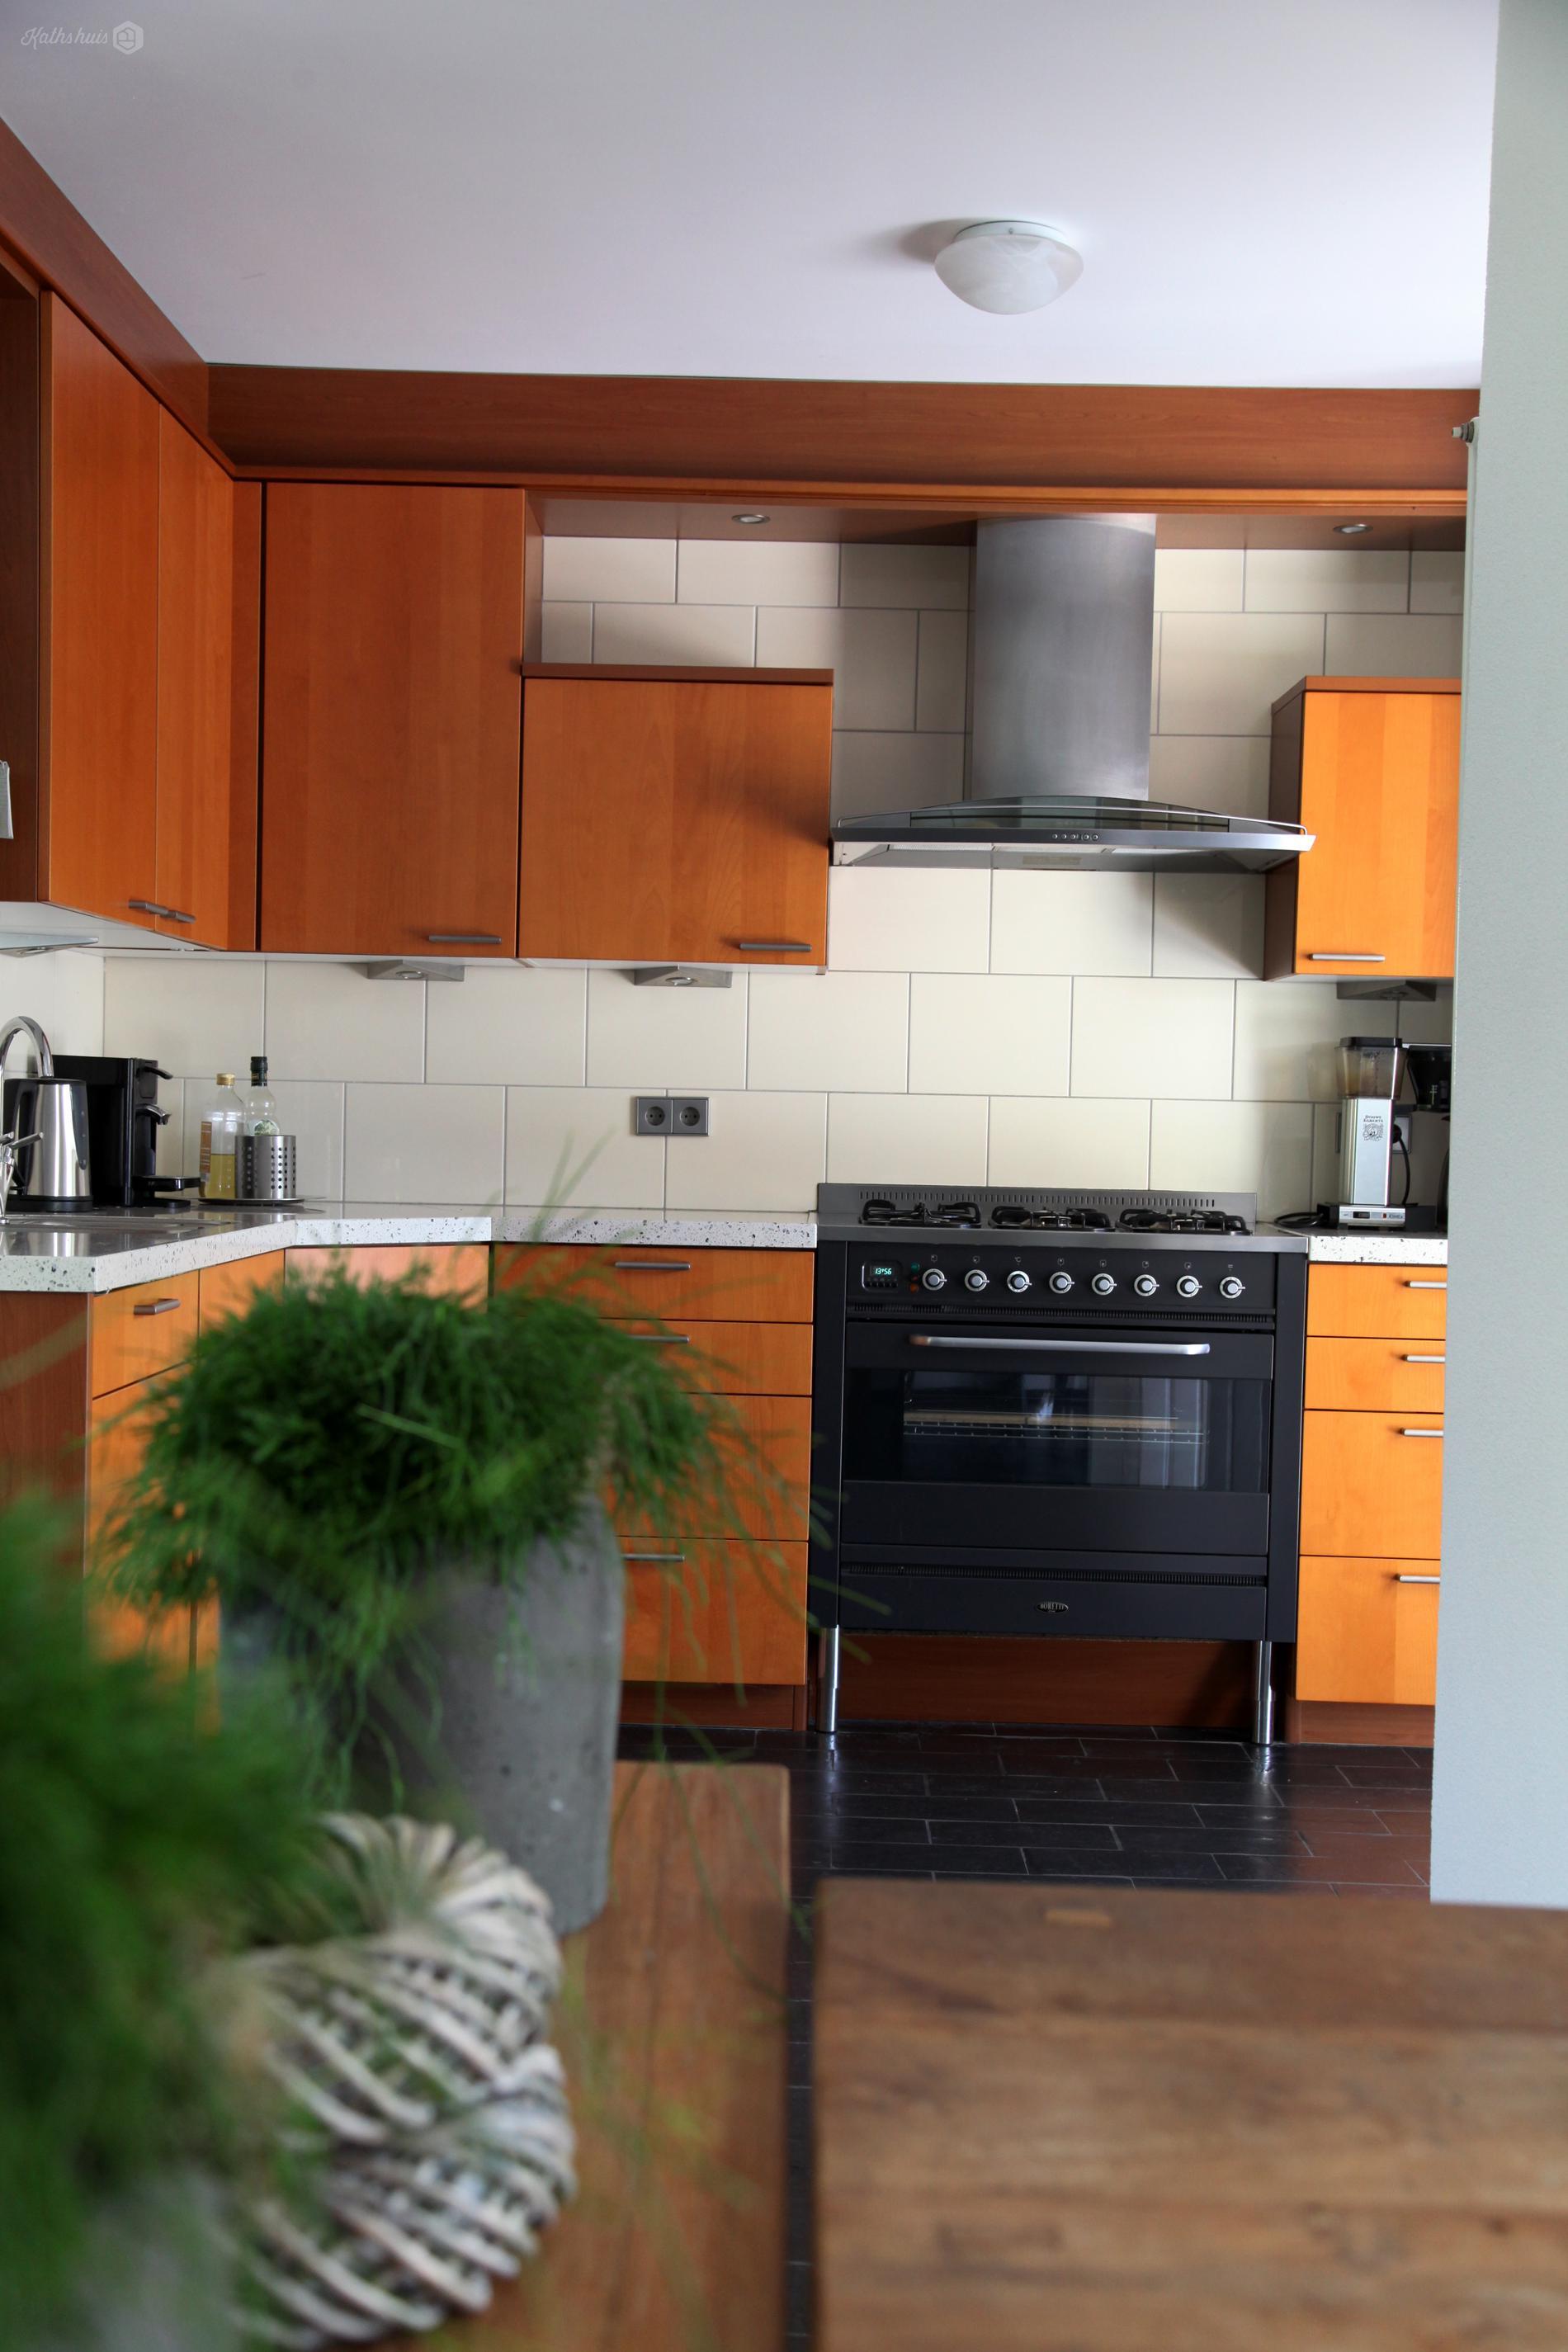 Kathshuis inrichting woonkamer met open keuken - Open keukeninrichting ...